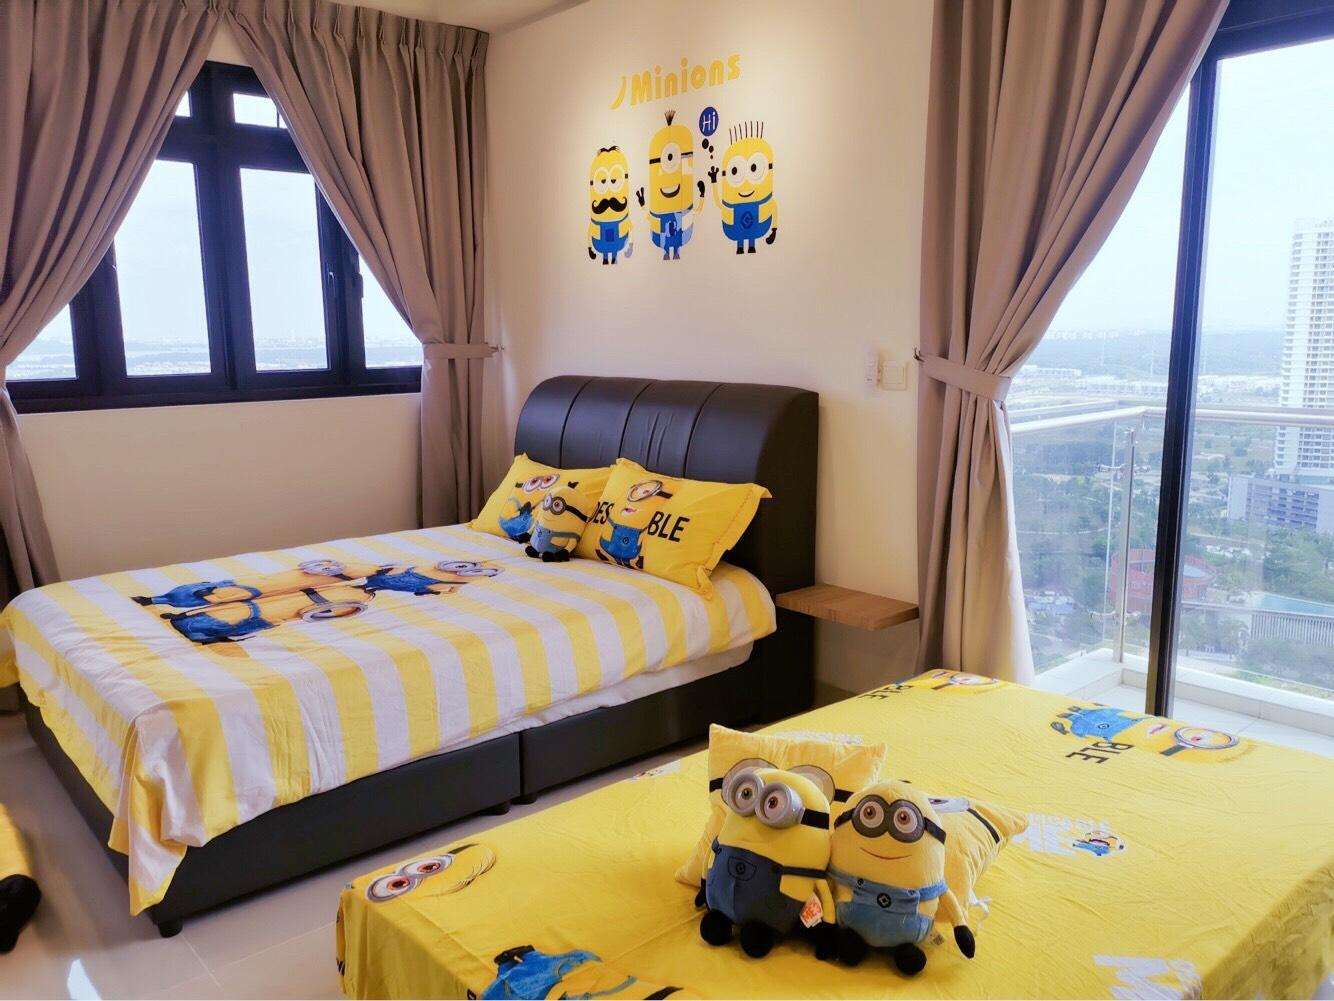 Minion Tour at Legoland & Hello Kitty Town